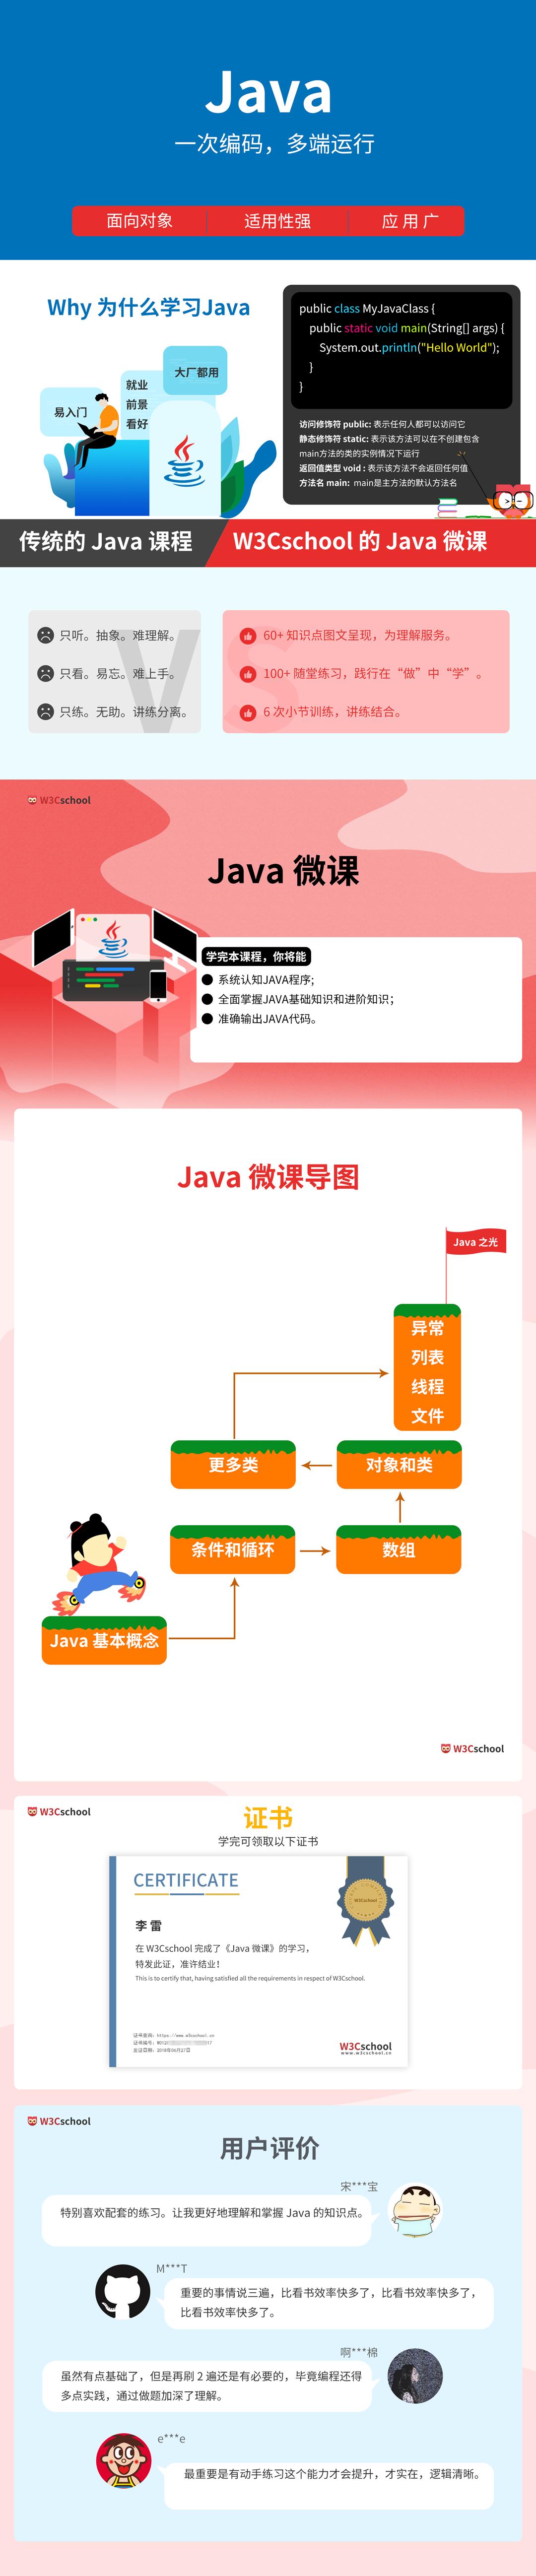 Java微课课程介绍